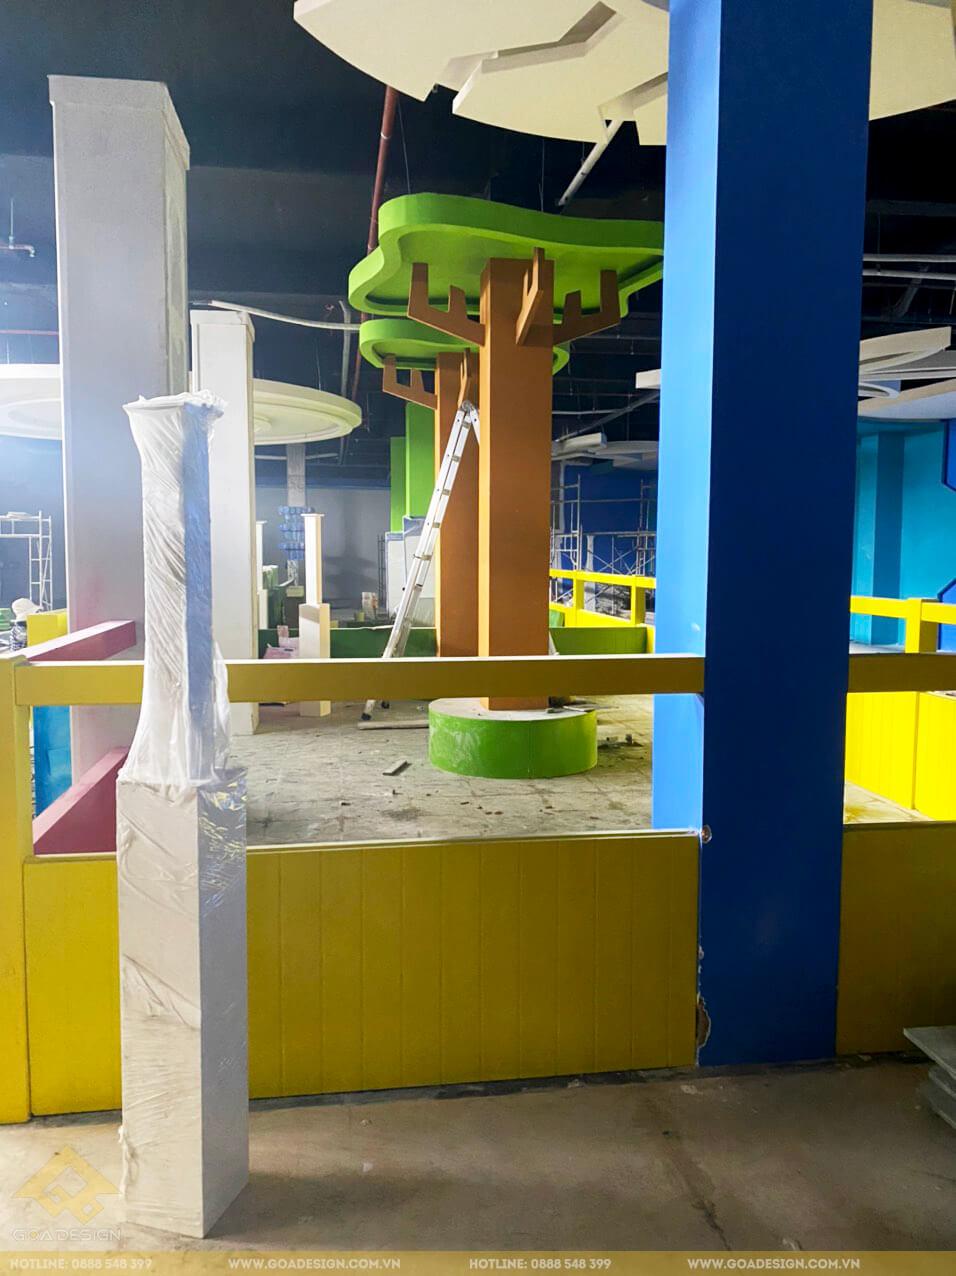 GOADESIGN-Thiết kế thi công khu vui chơi trẻ em (20)